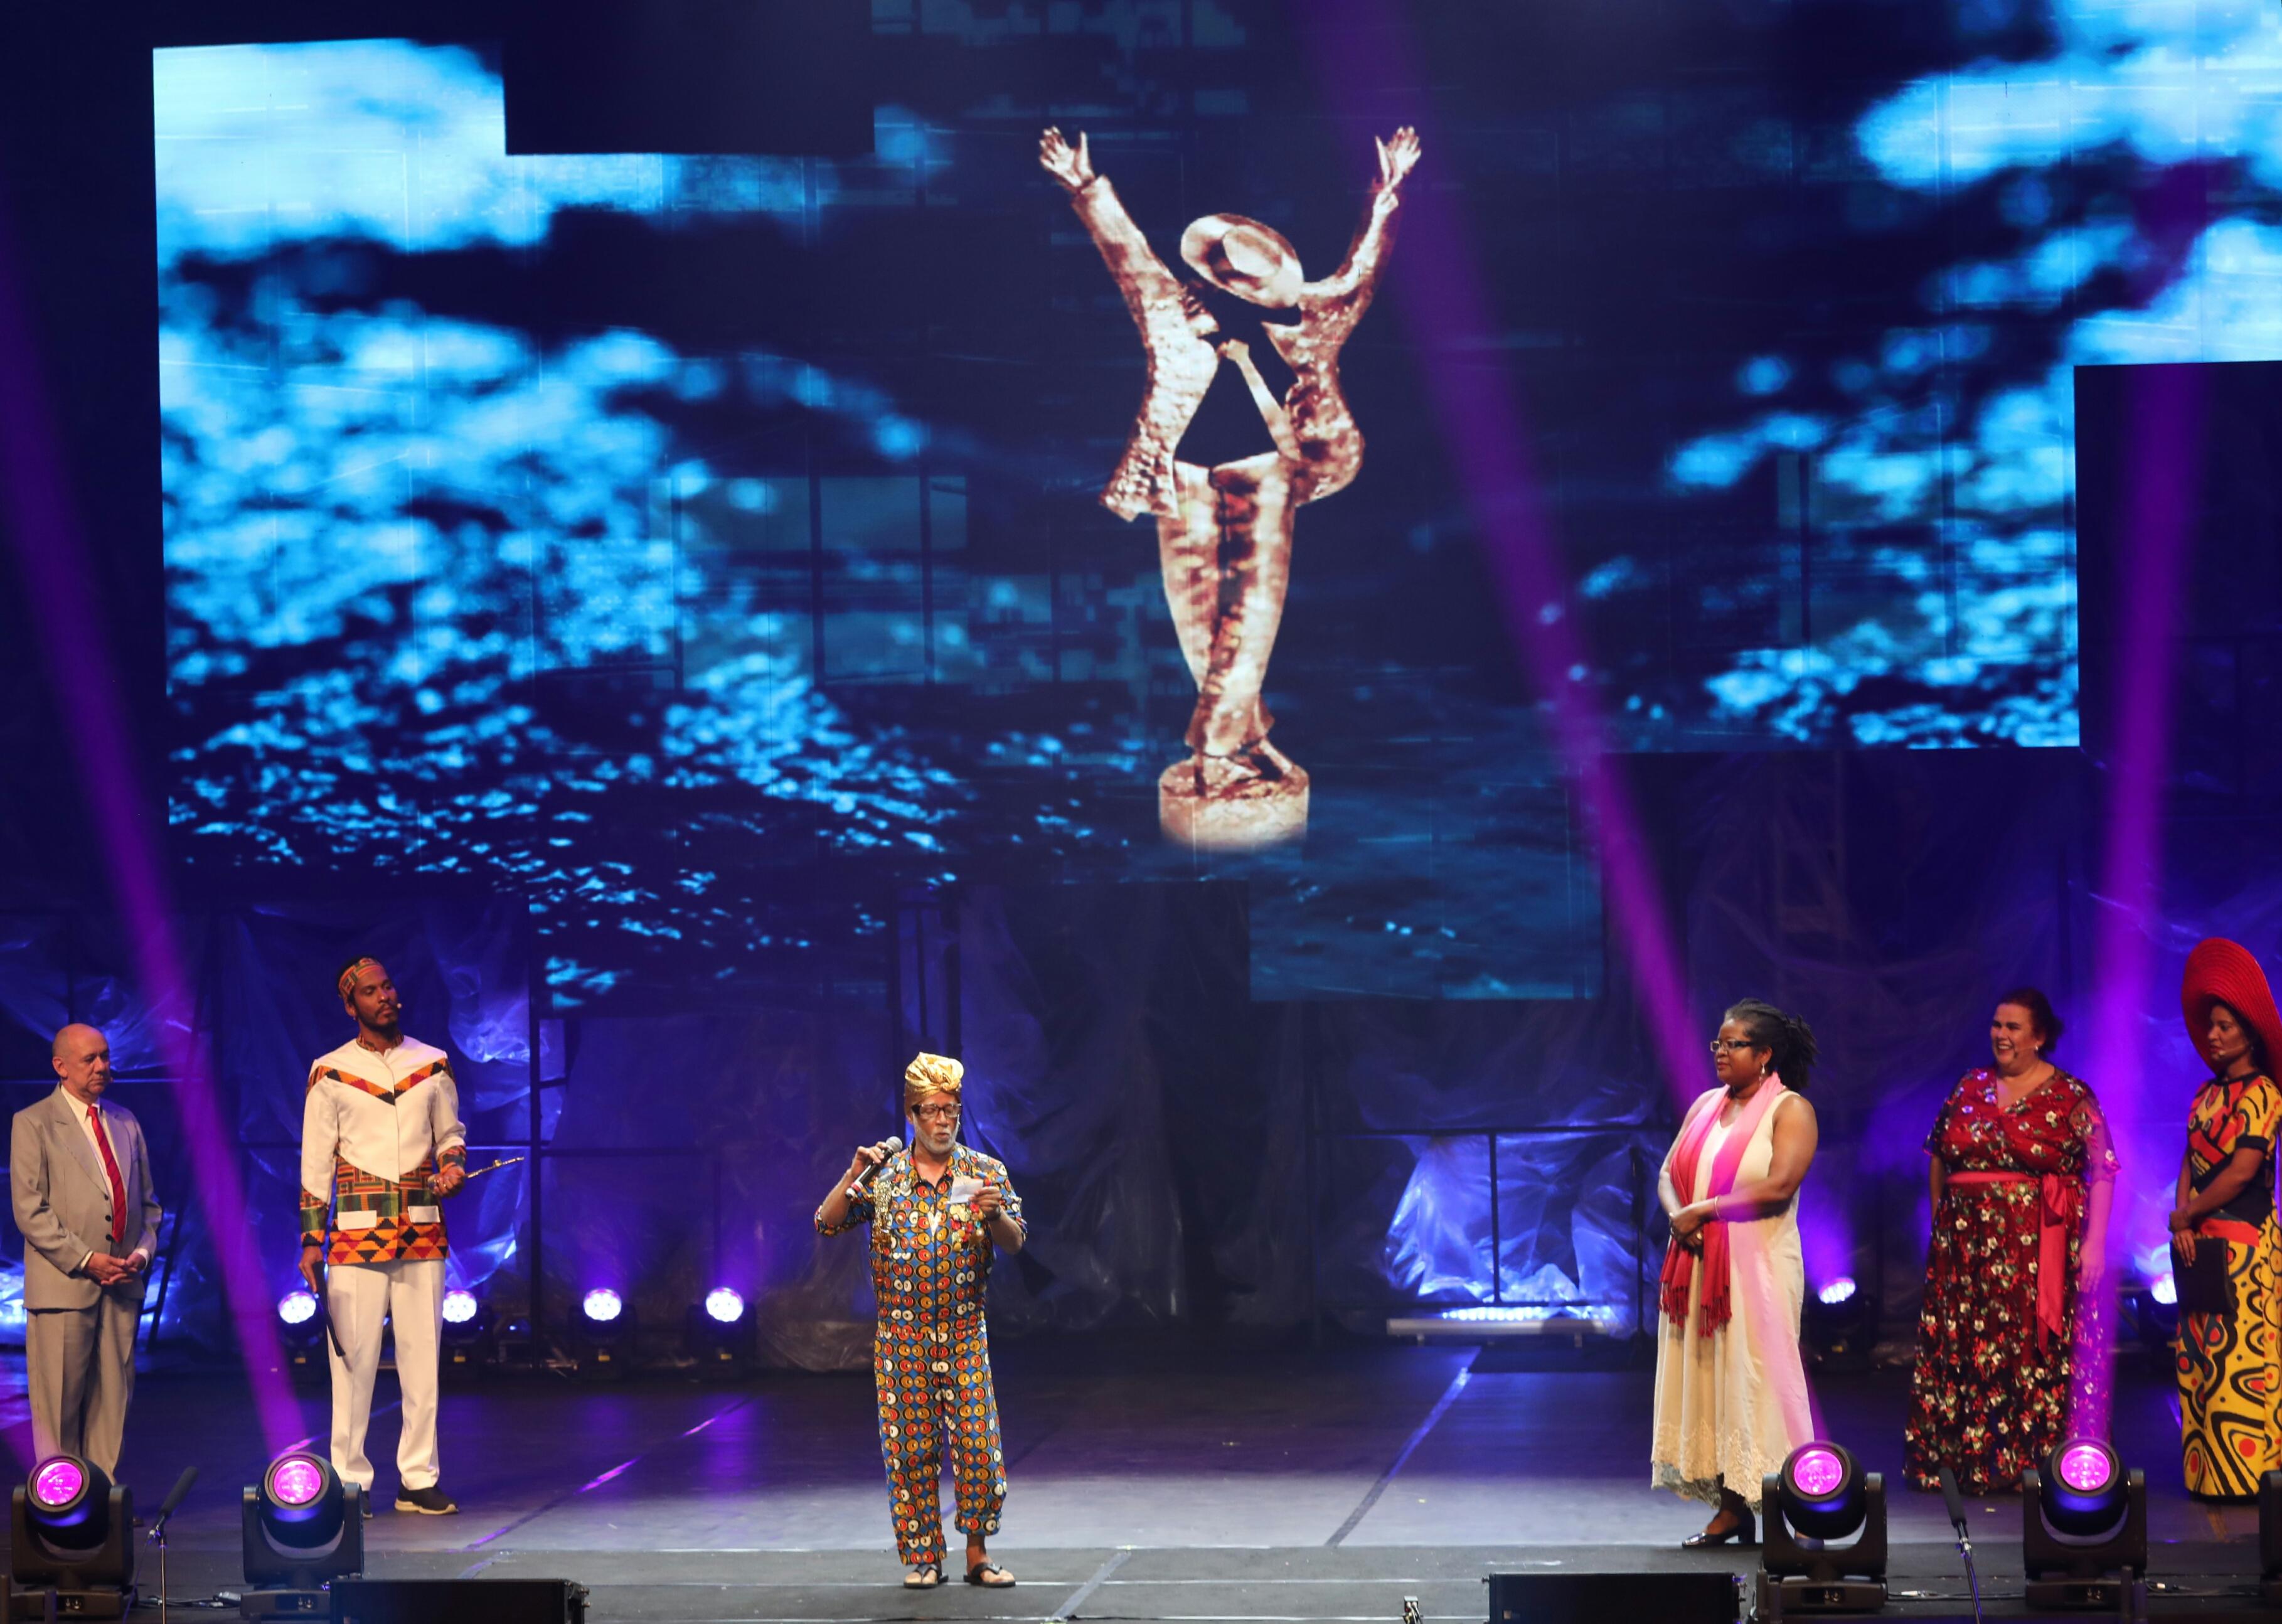 A 26ª edição do Prêmio Braskem de Teatro revelou os destaques das artes cênicas de 2018